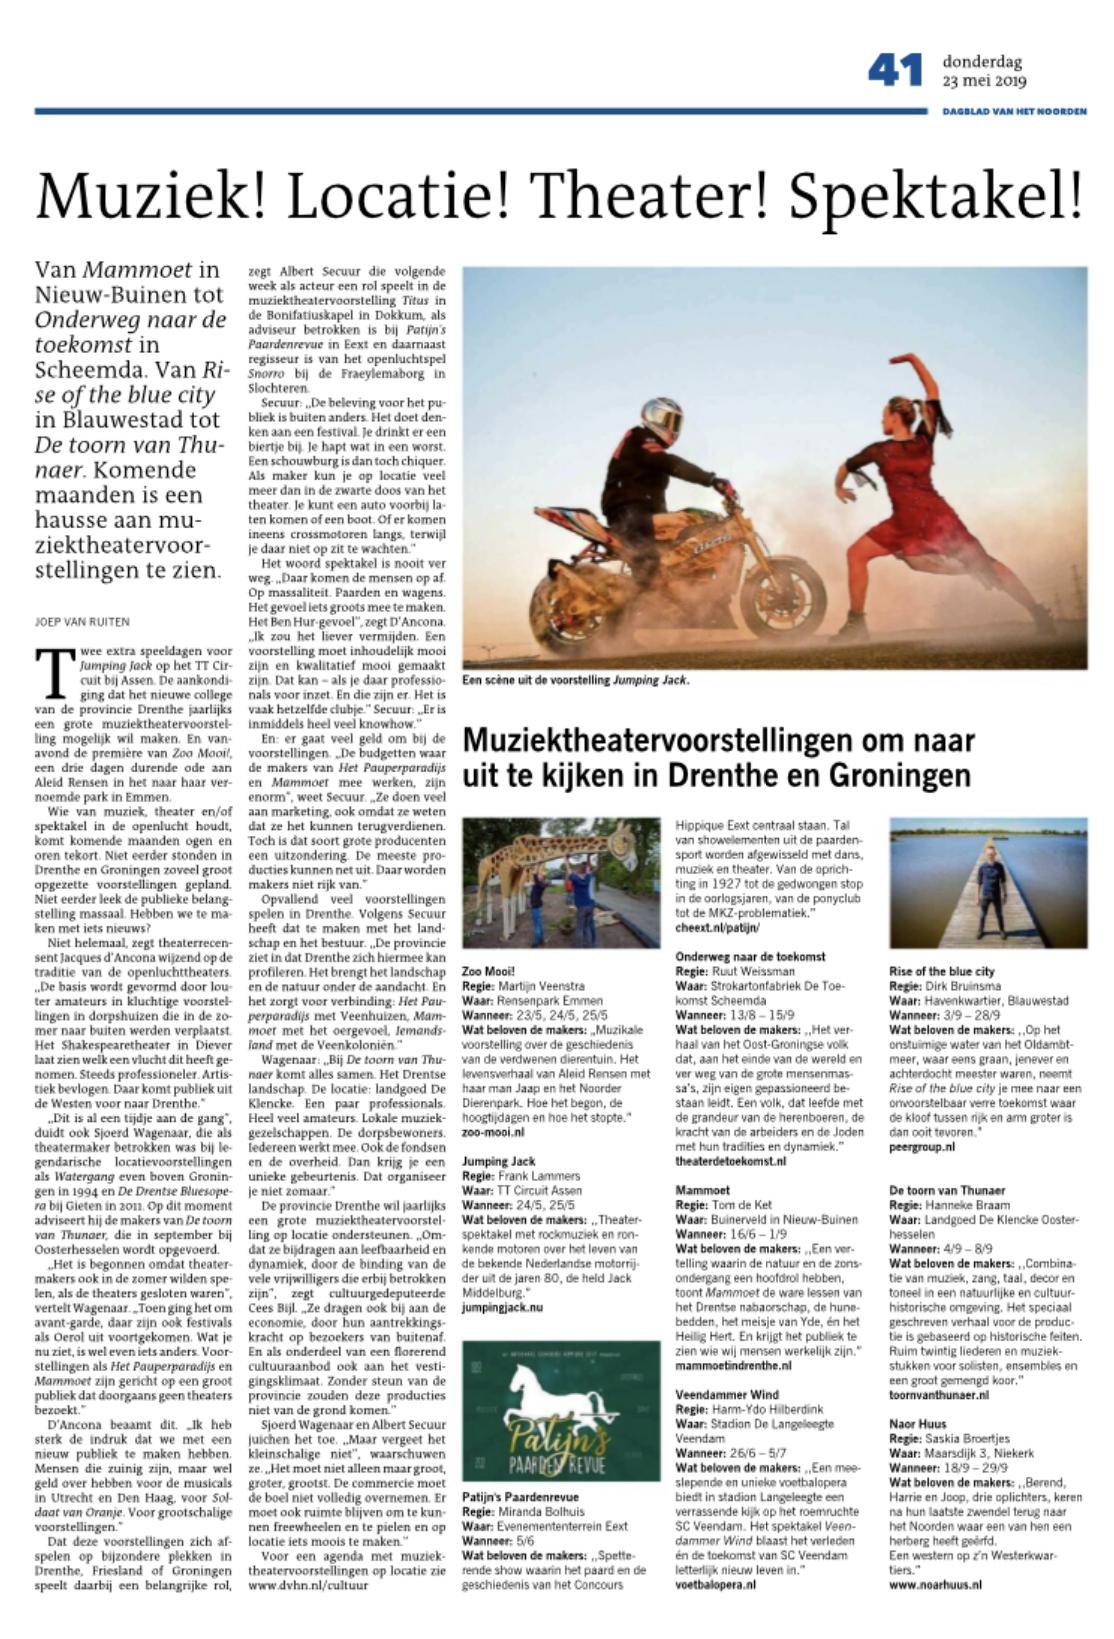 Artikel over openluchttheater in het noorden DVHN